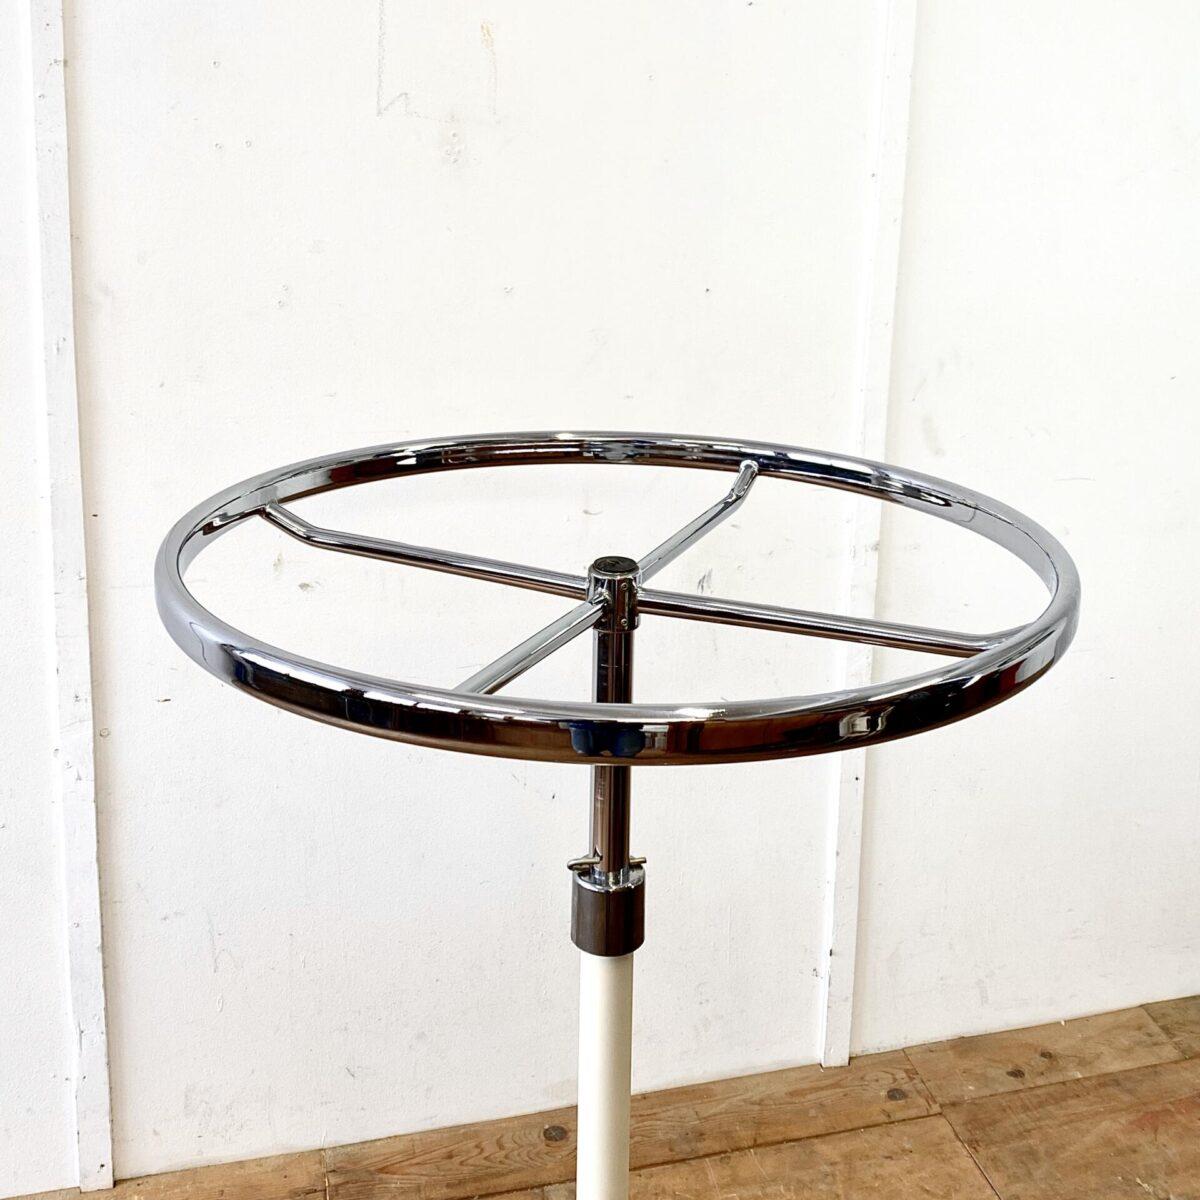 Runder Metall Garderobenständer auf Rollen. Durchmesser 74cm höhenverstellbar von 114-164cm. Mit einem zusätzlichen Bohrloch 170cm möglich. Der Ring fürdie Kleiderbügel ist verchromt, der untere Teil creme farbig lackiert. Die Rollen laufen gut.